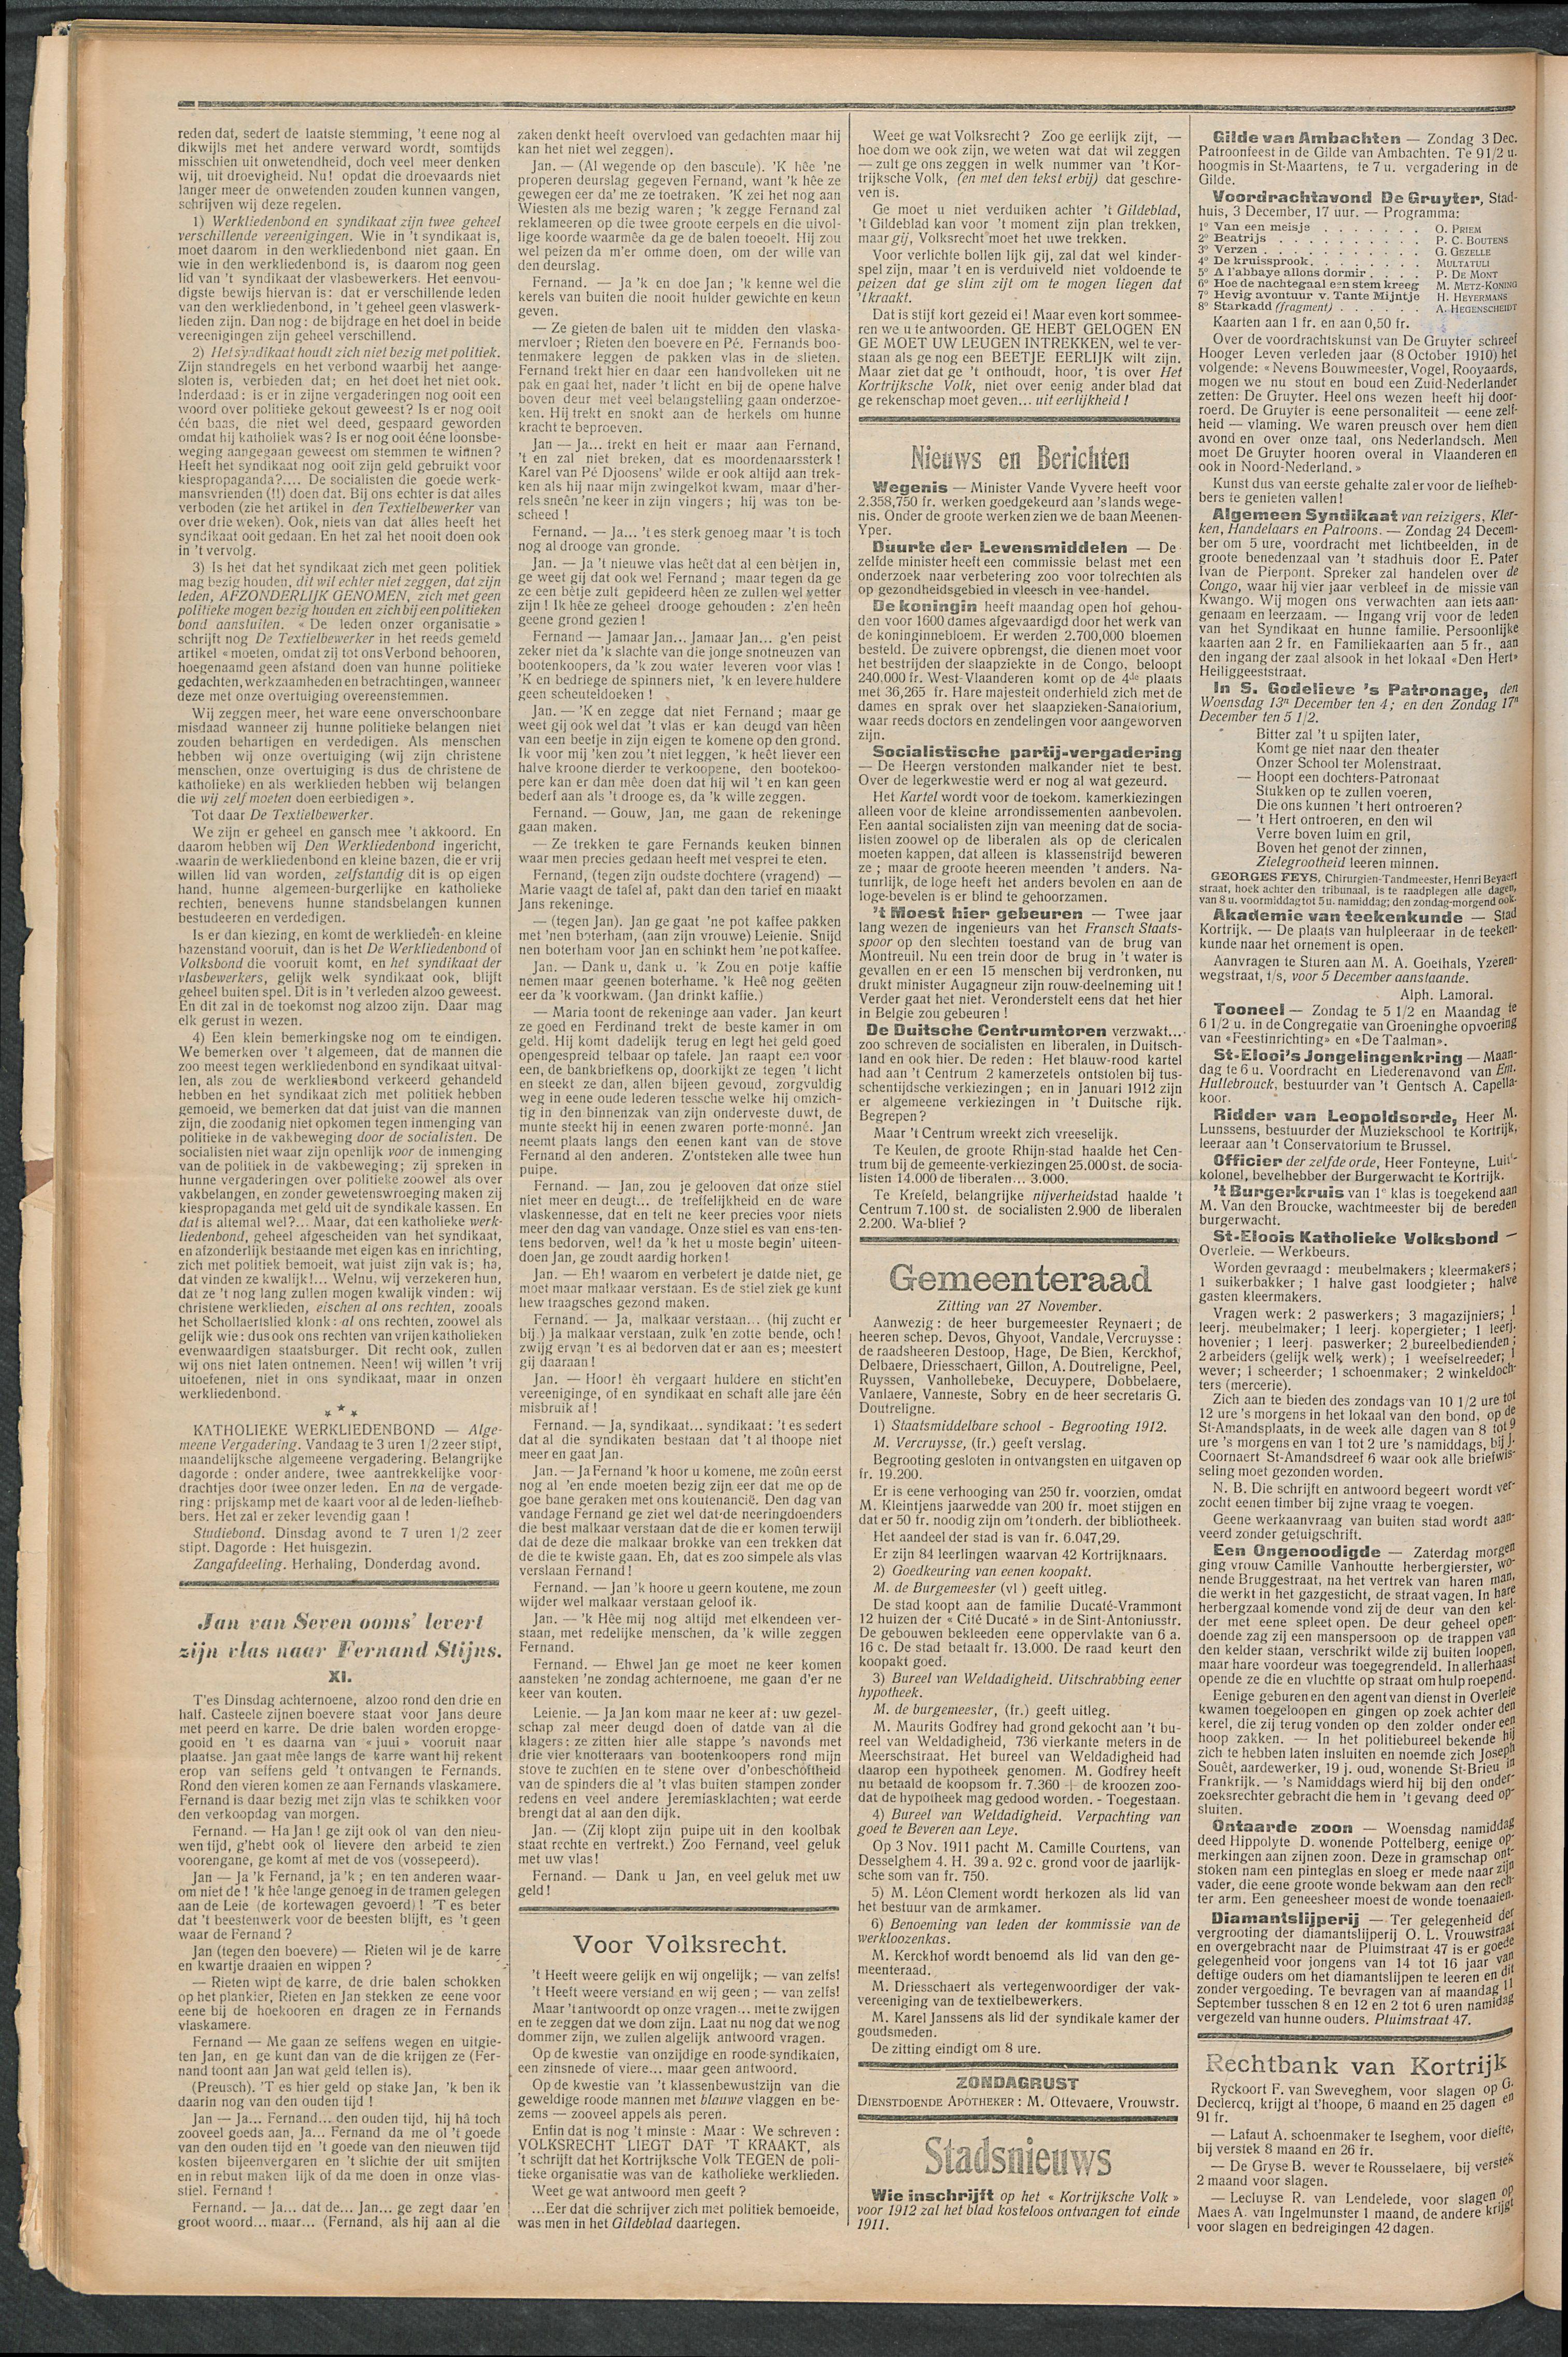 Het Kortrijksche Volk 1911-12-03 p2